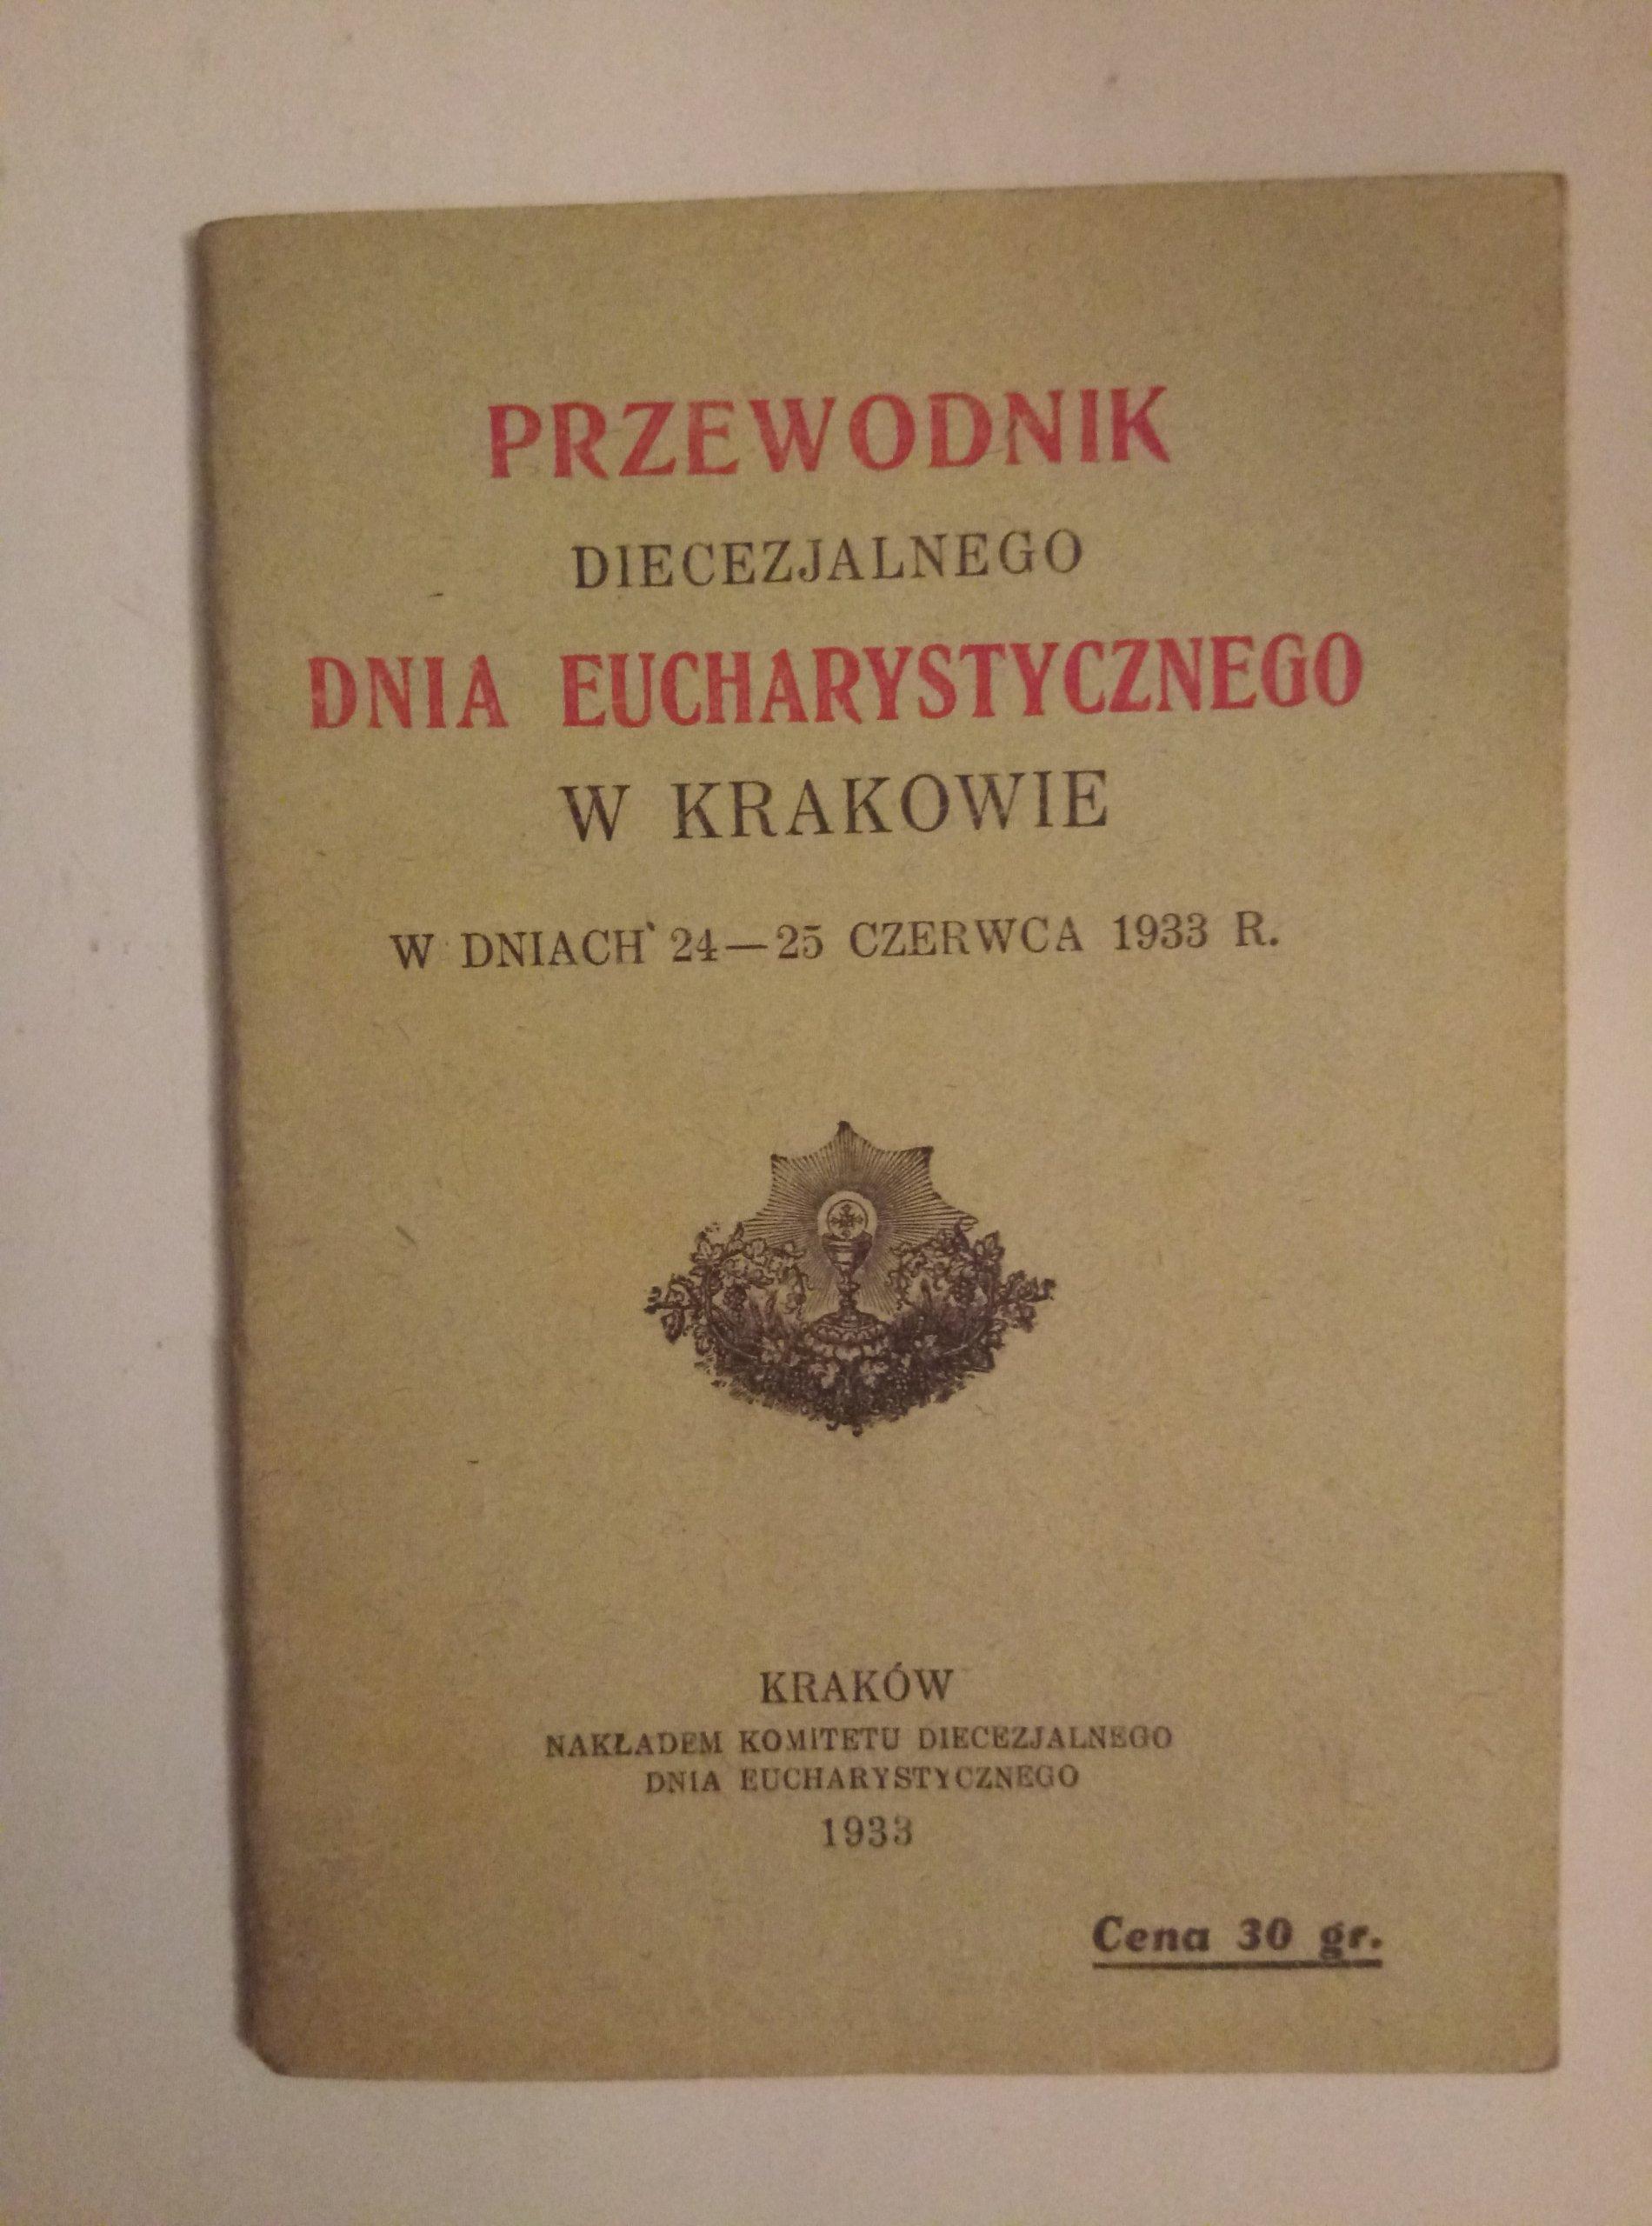 Przewodnik dnia eucharystycznego w Krakowie 1933